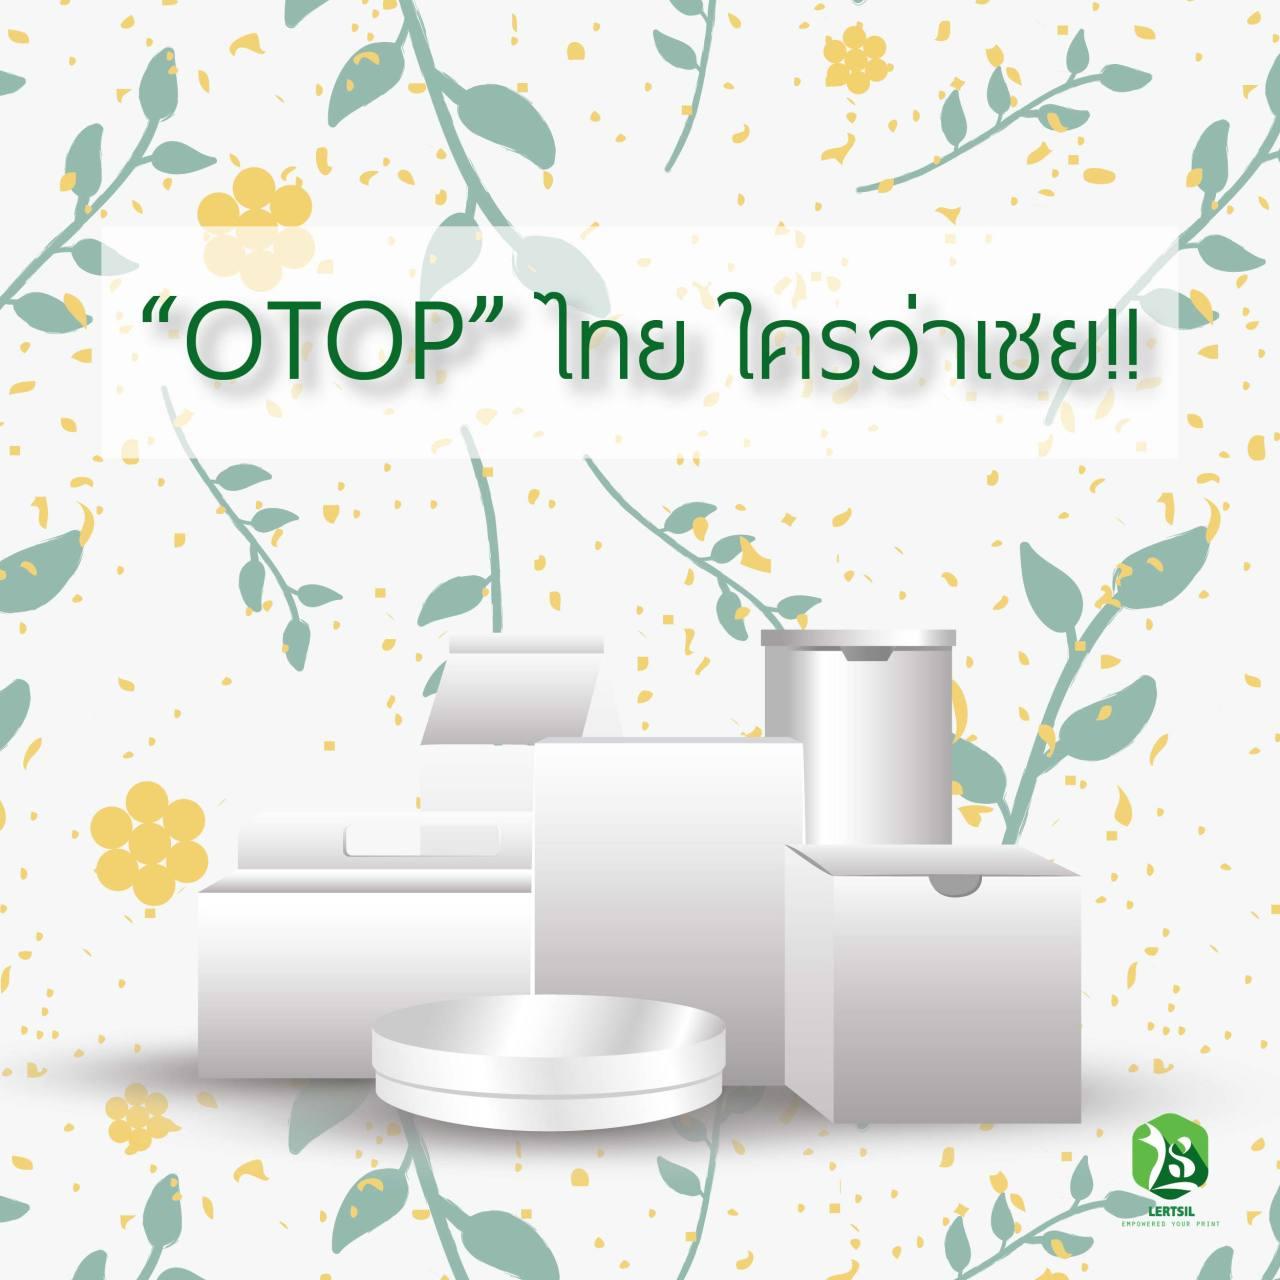 OTOP ไทยใครว่าเฉย ชวนดูสินค้าเเละภูมิปัญญาไทย